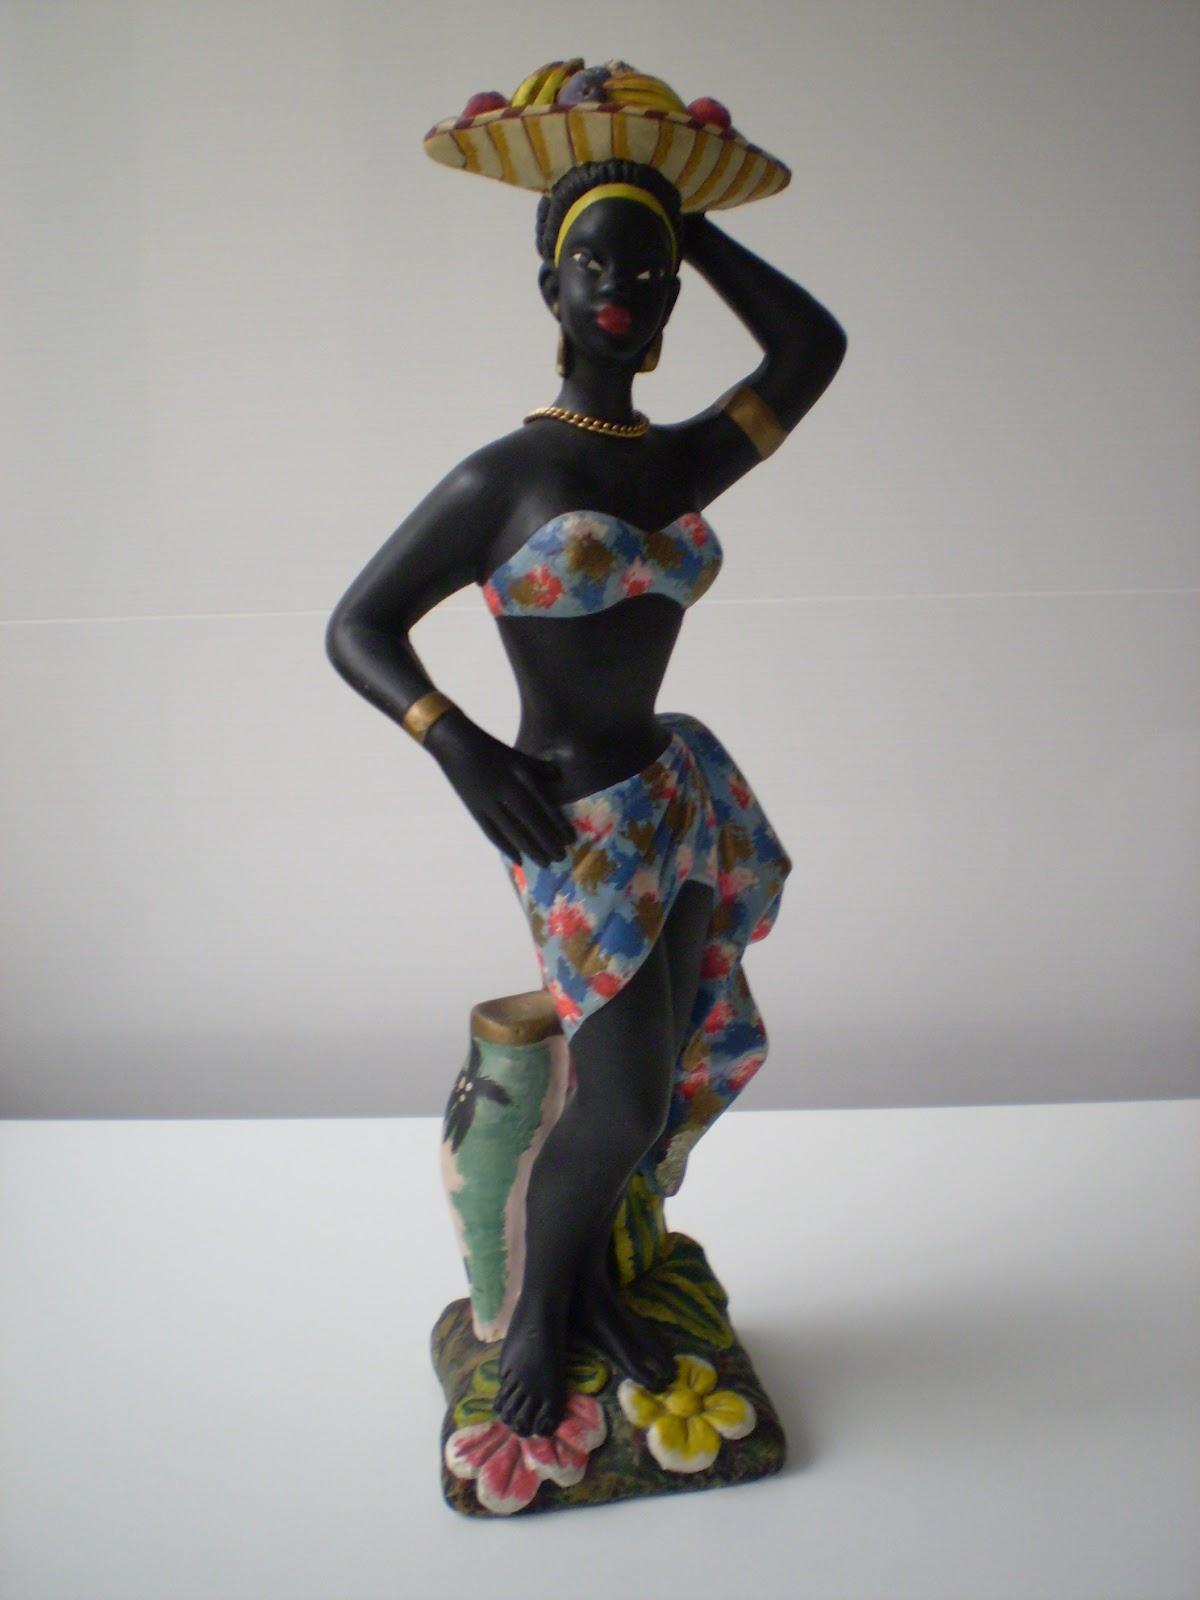 Actric Porno Africanas vintagería esculturas de mujeres negras africanas arte